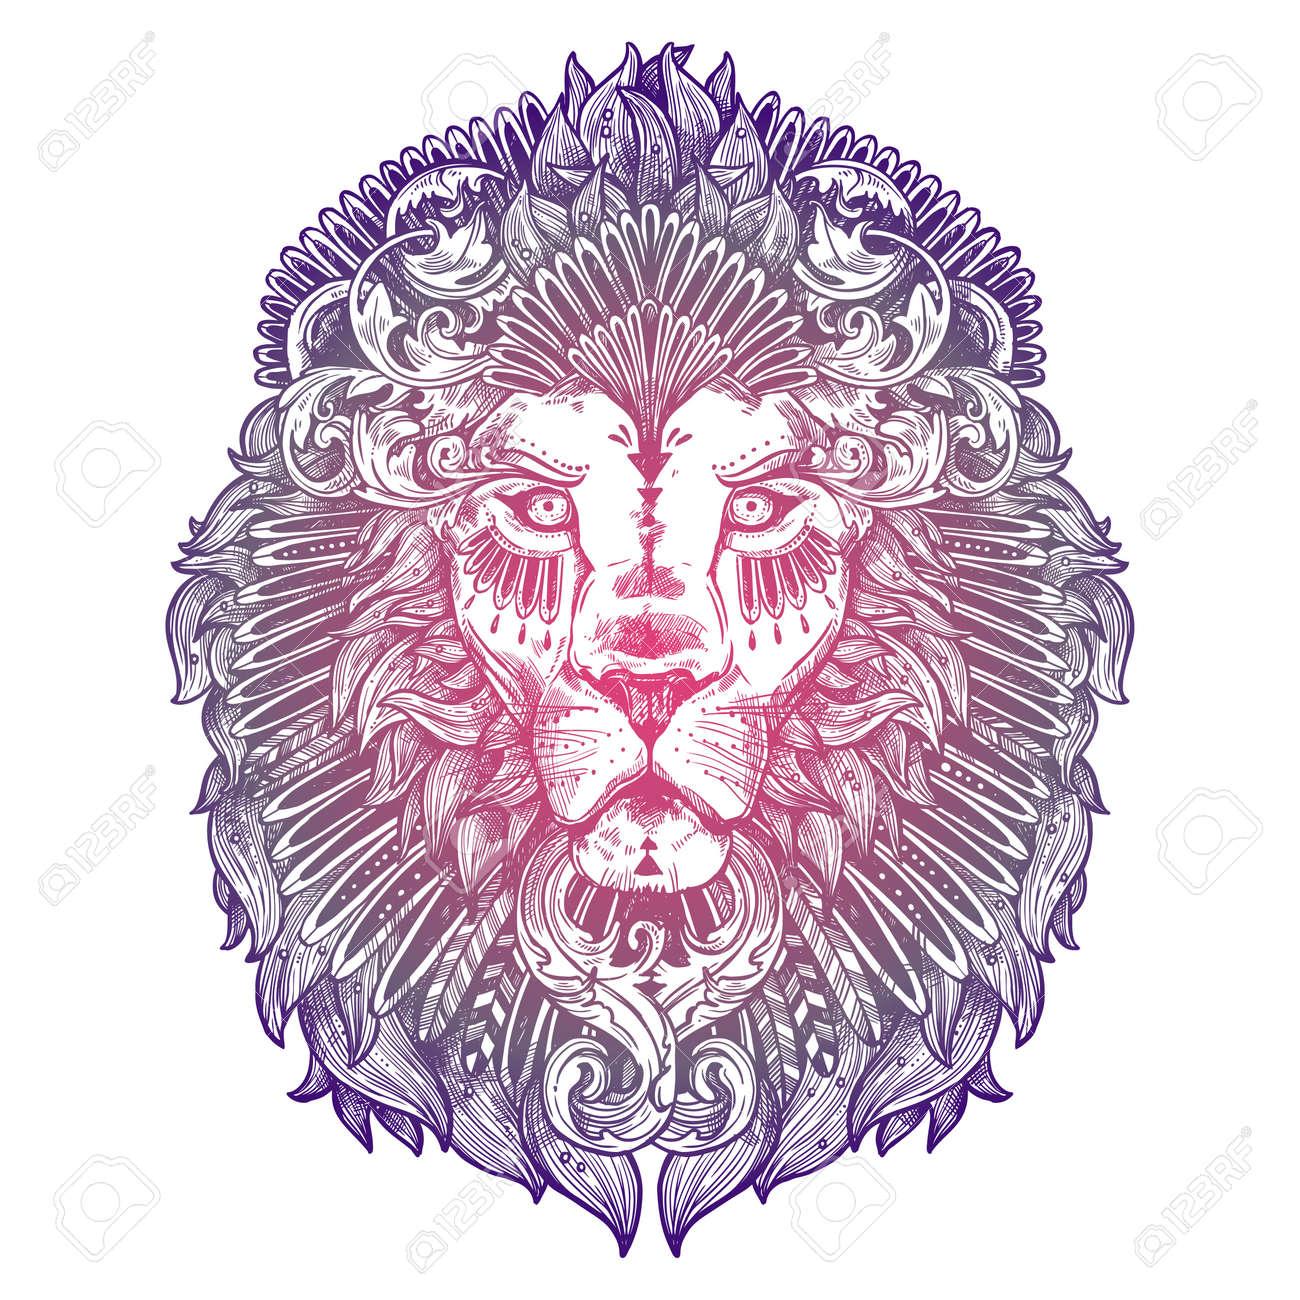 Tete De Lion De Tatouage Lilas Ornemental Style Dessine A La Main Tres Detaille Abstrait